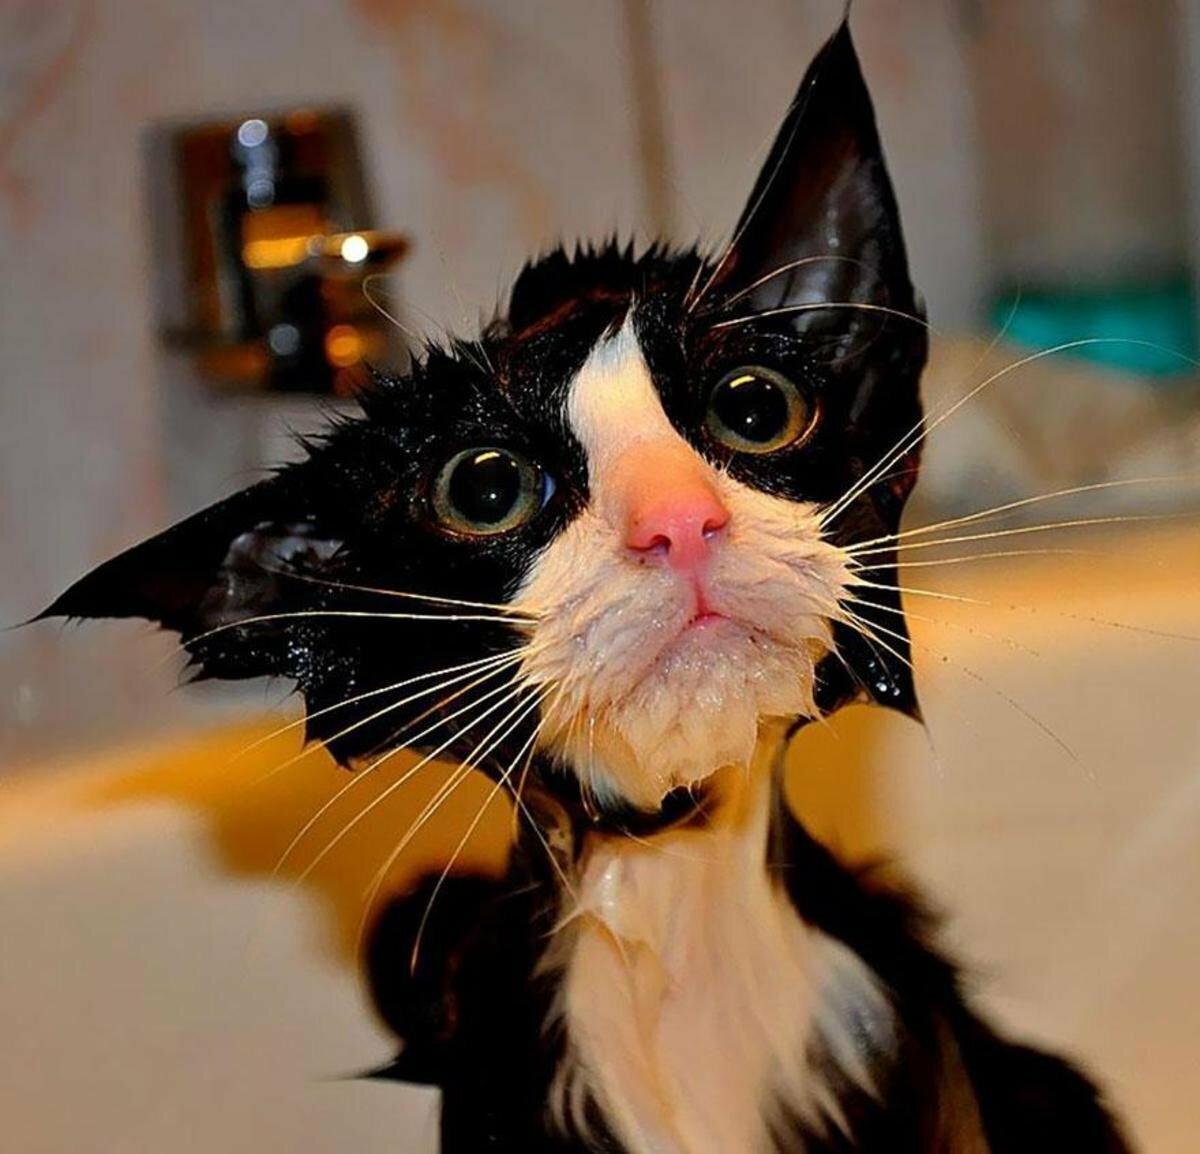 Очень смешной кот картинка, парню